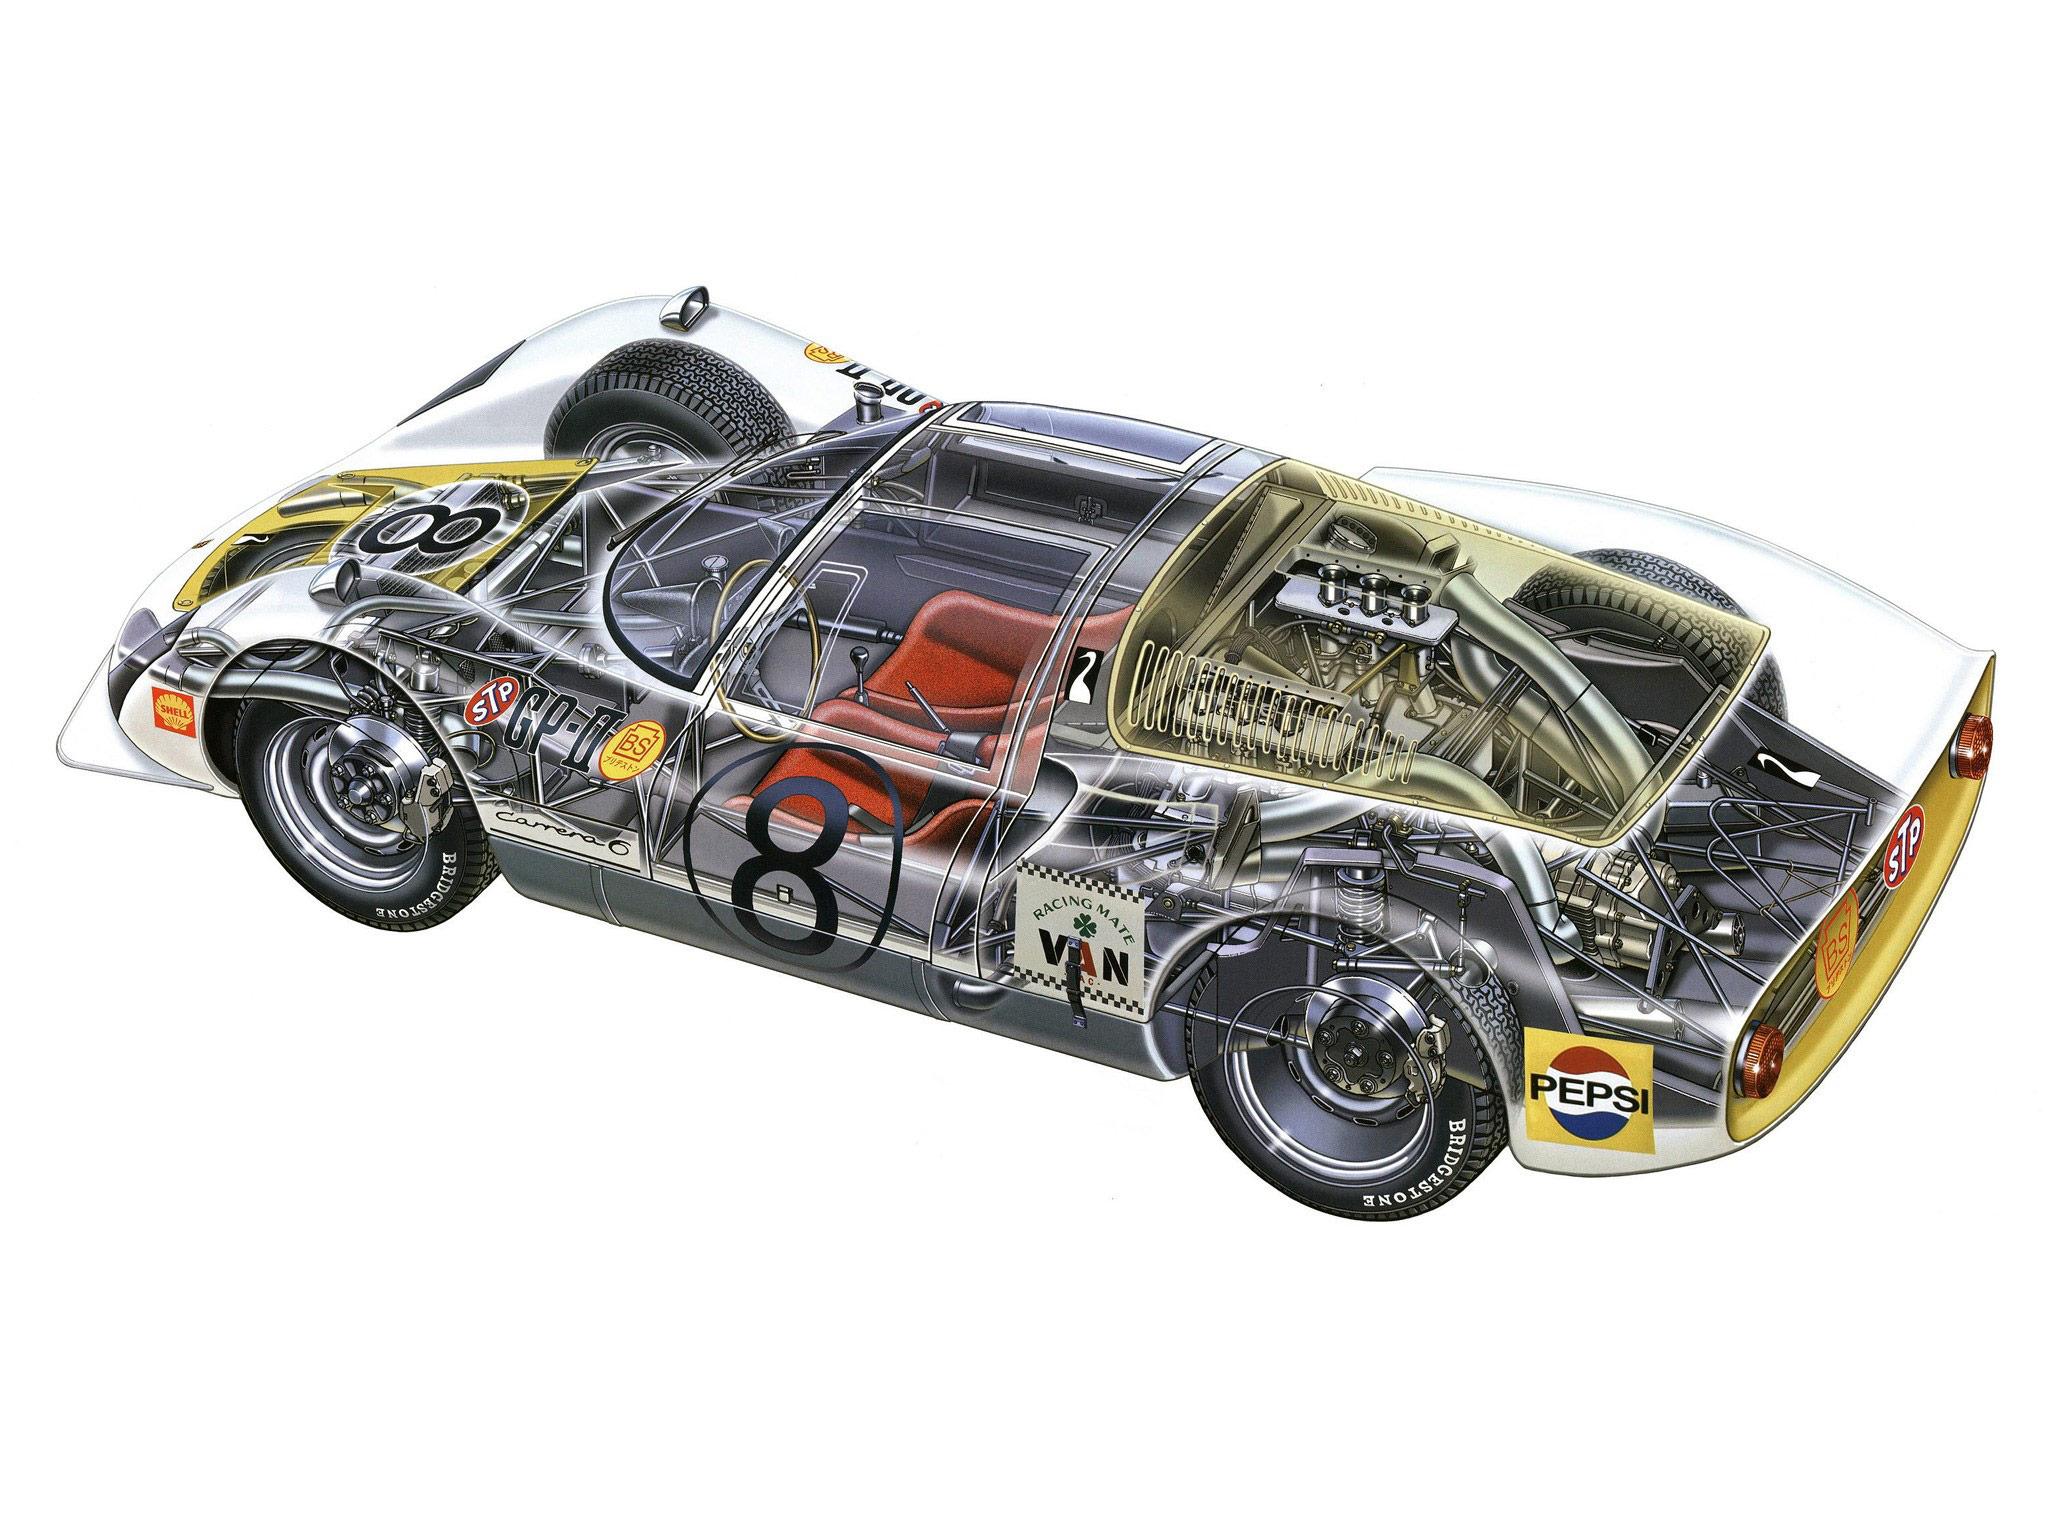 Porsche 906 cutaway